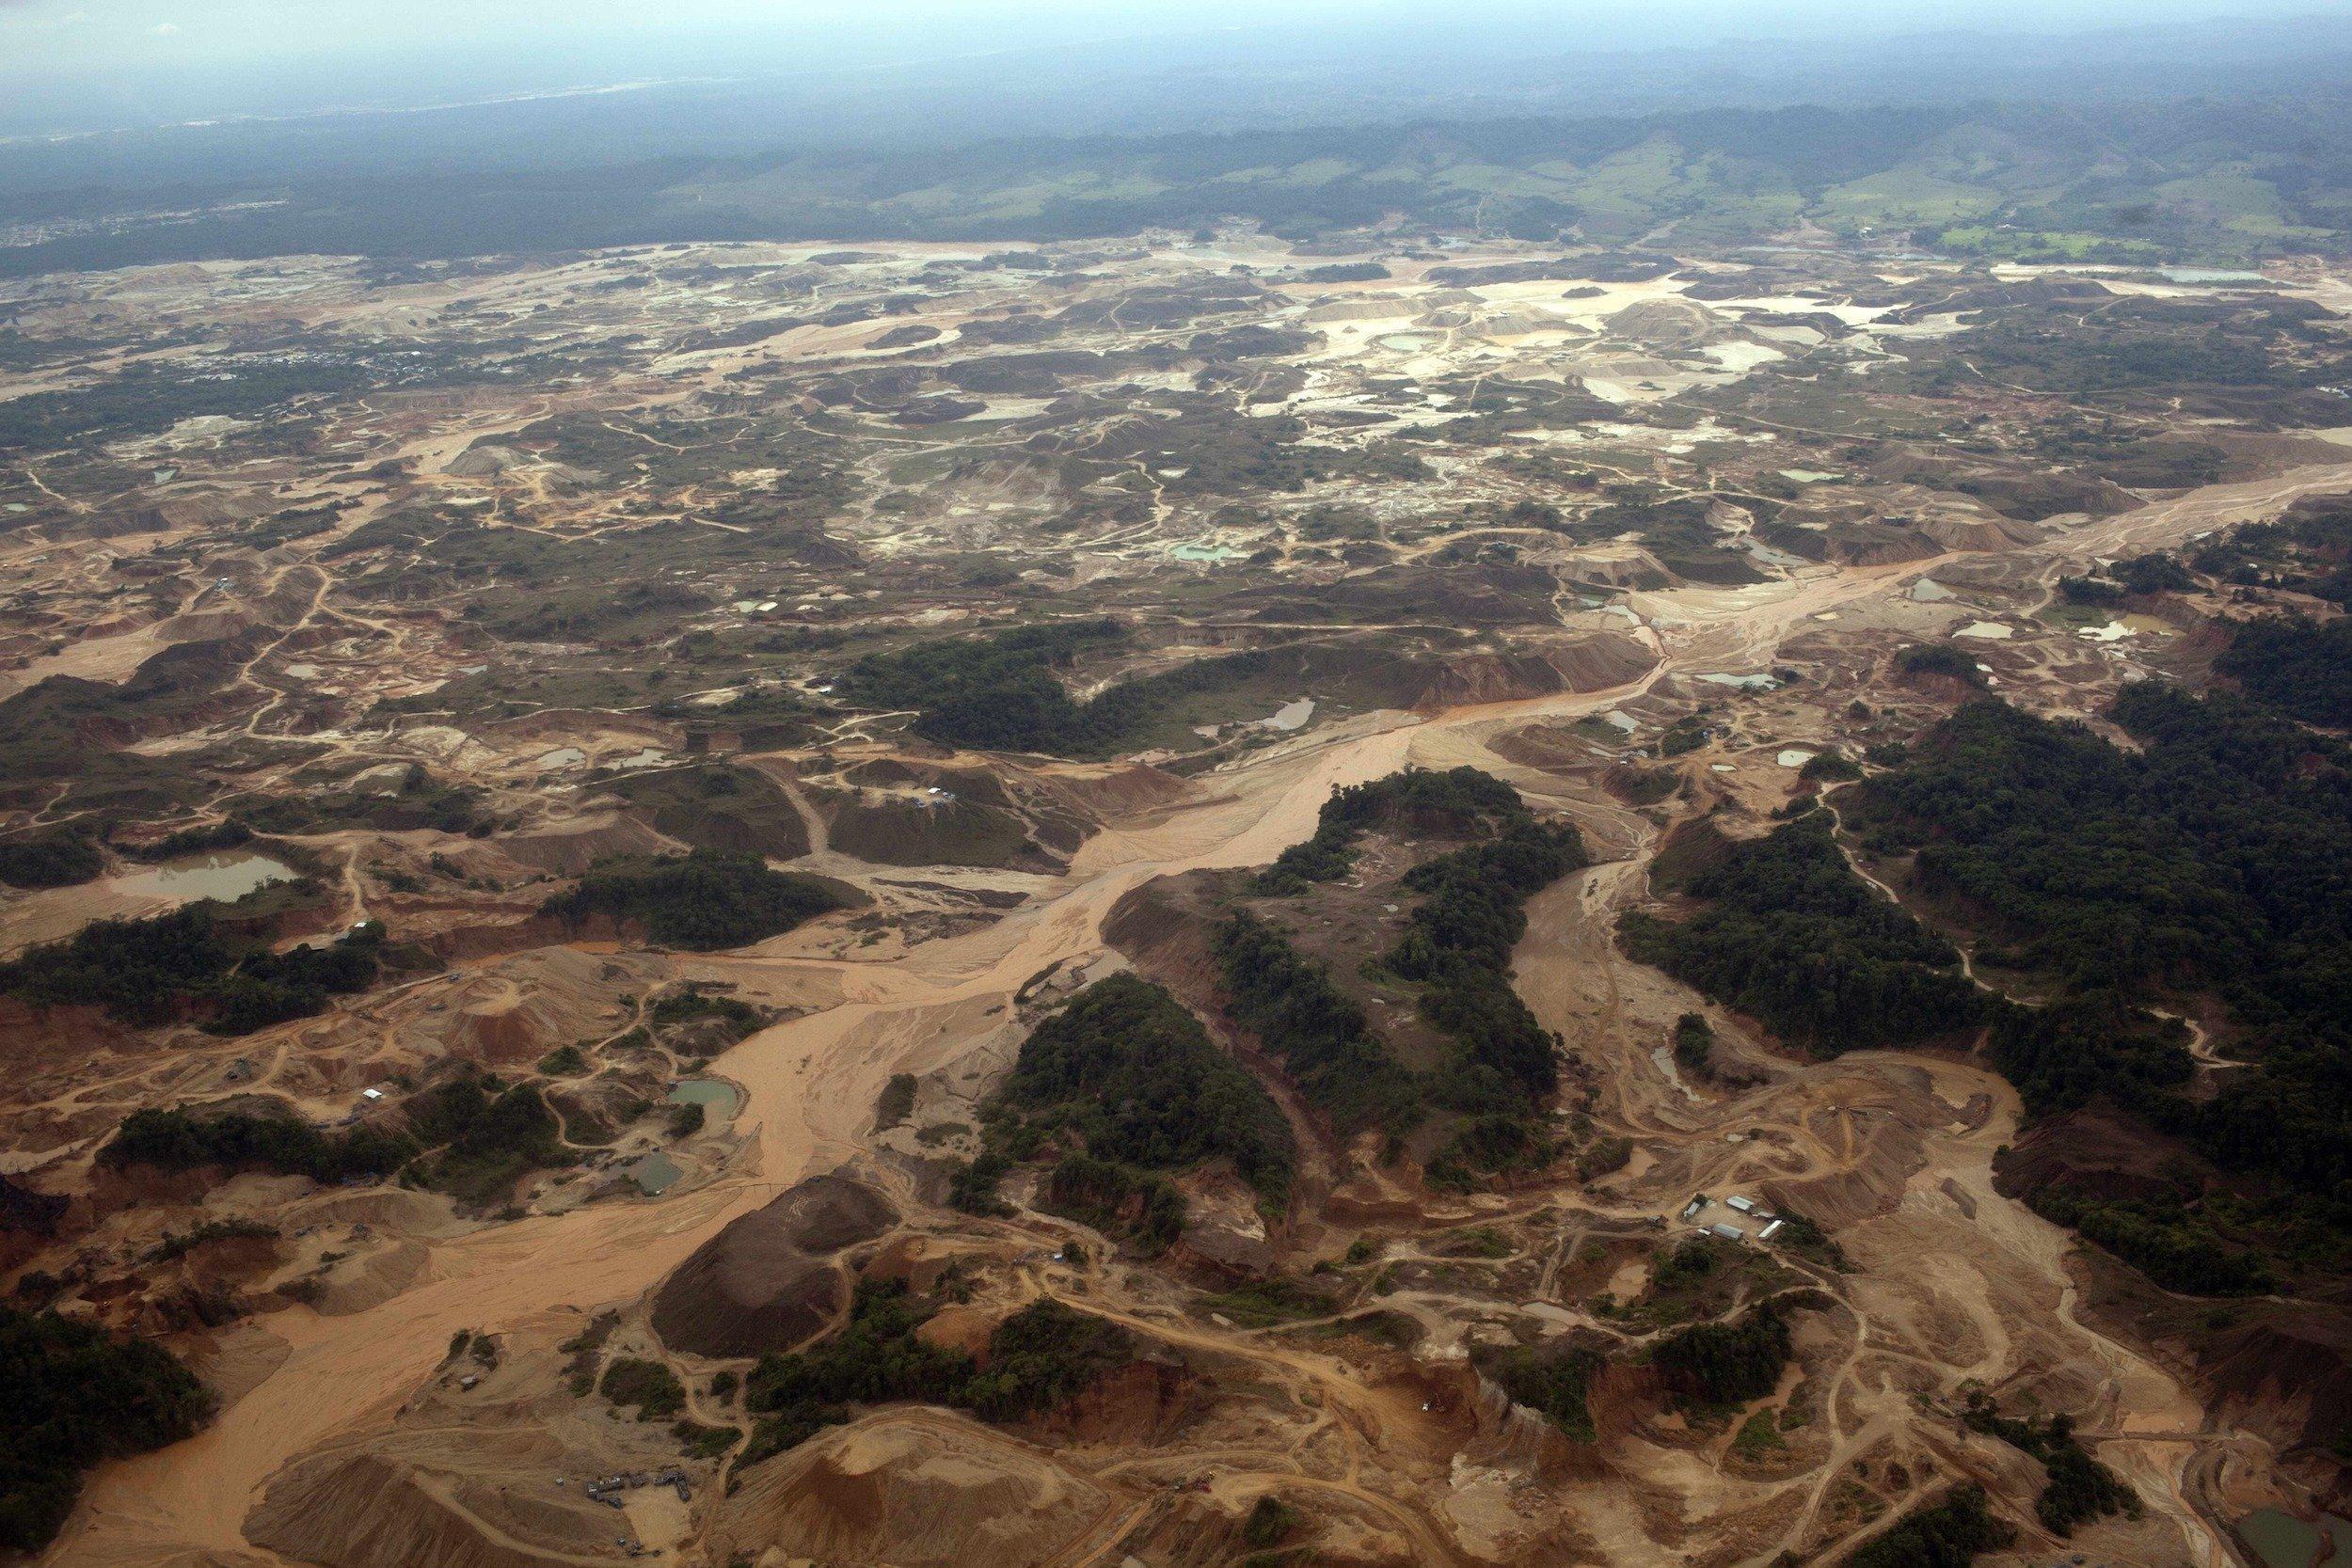 Luftaufnahme eines Bergbaugebiets. Die Oberfläche ist bis zum Horizont aufgerissen, trübe Abwässer gelangen in einen Fluss.